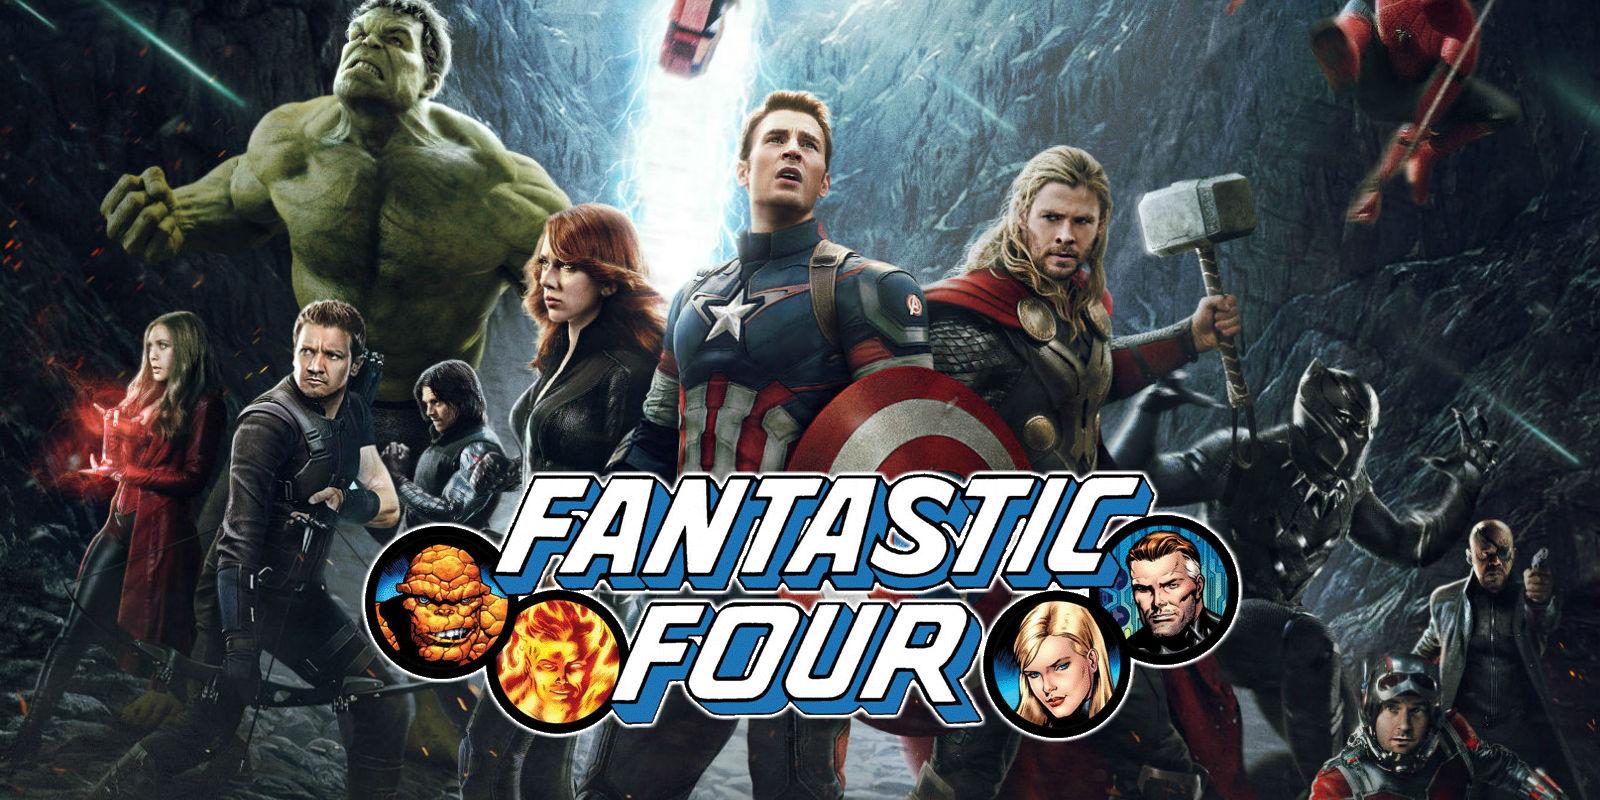 Fantansic Four